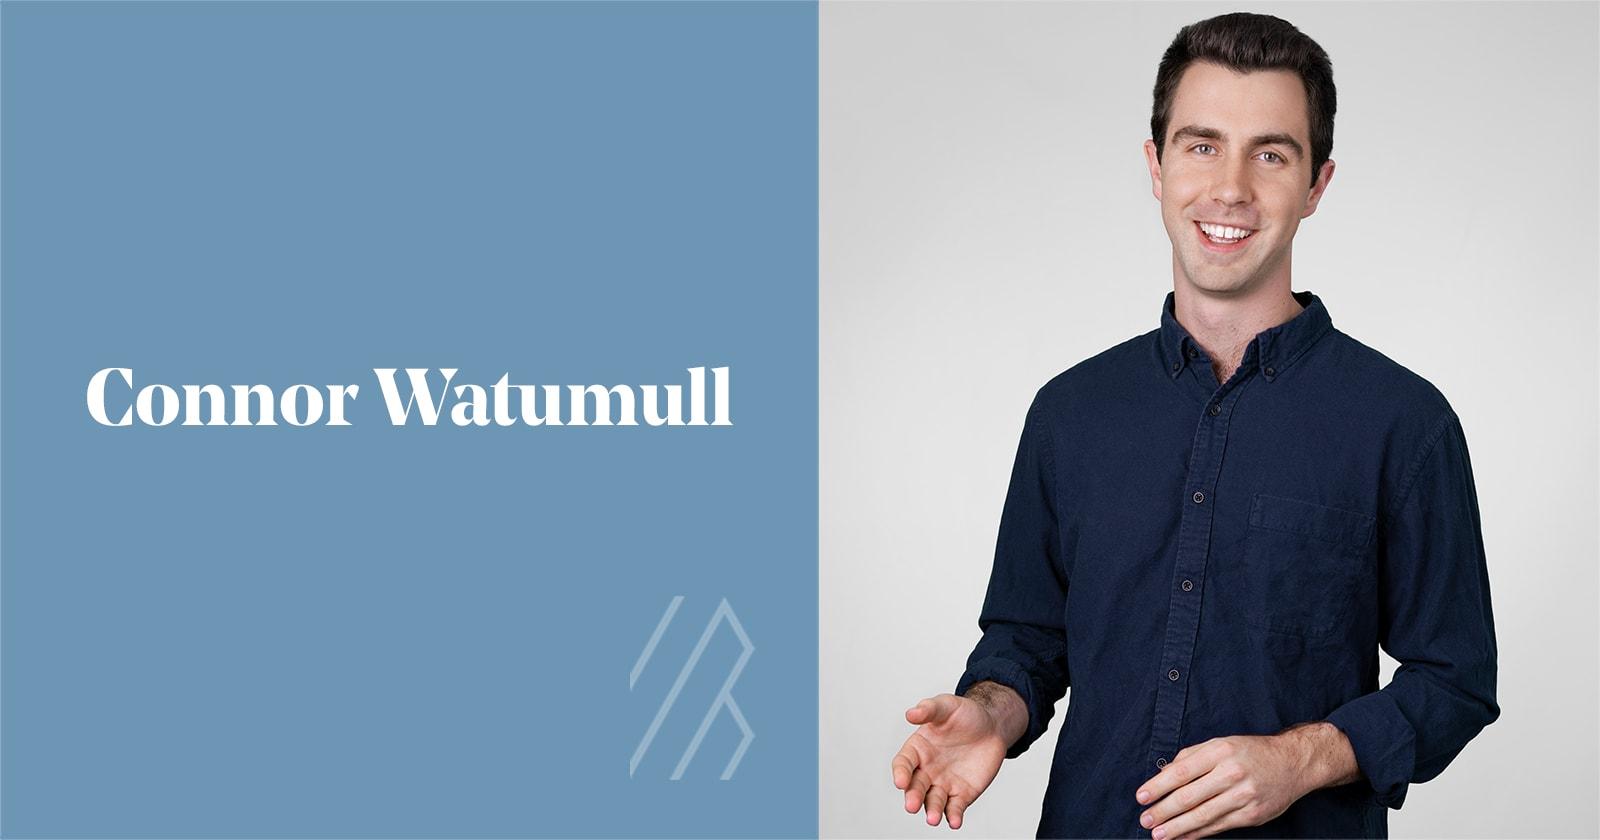 Connor Watumull